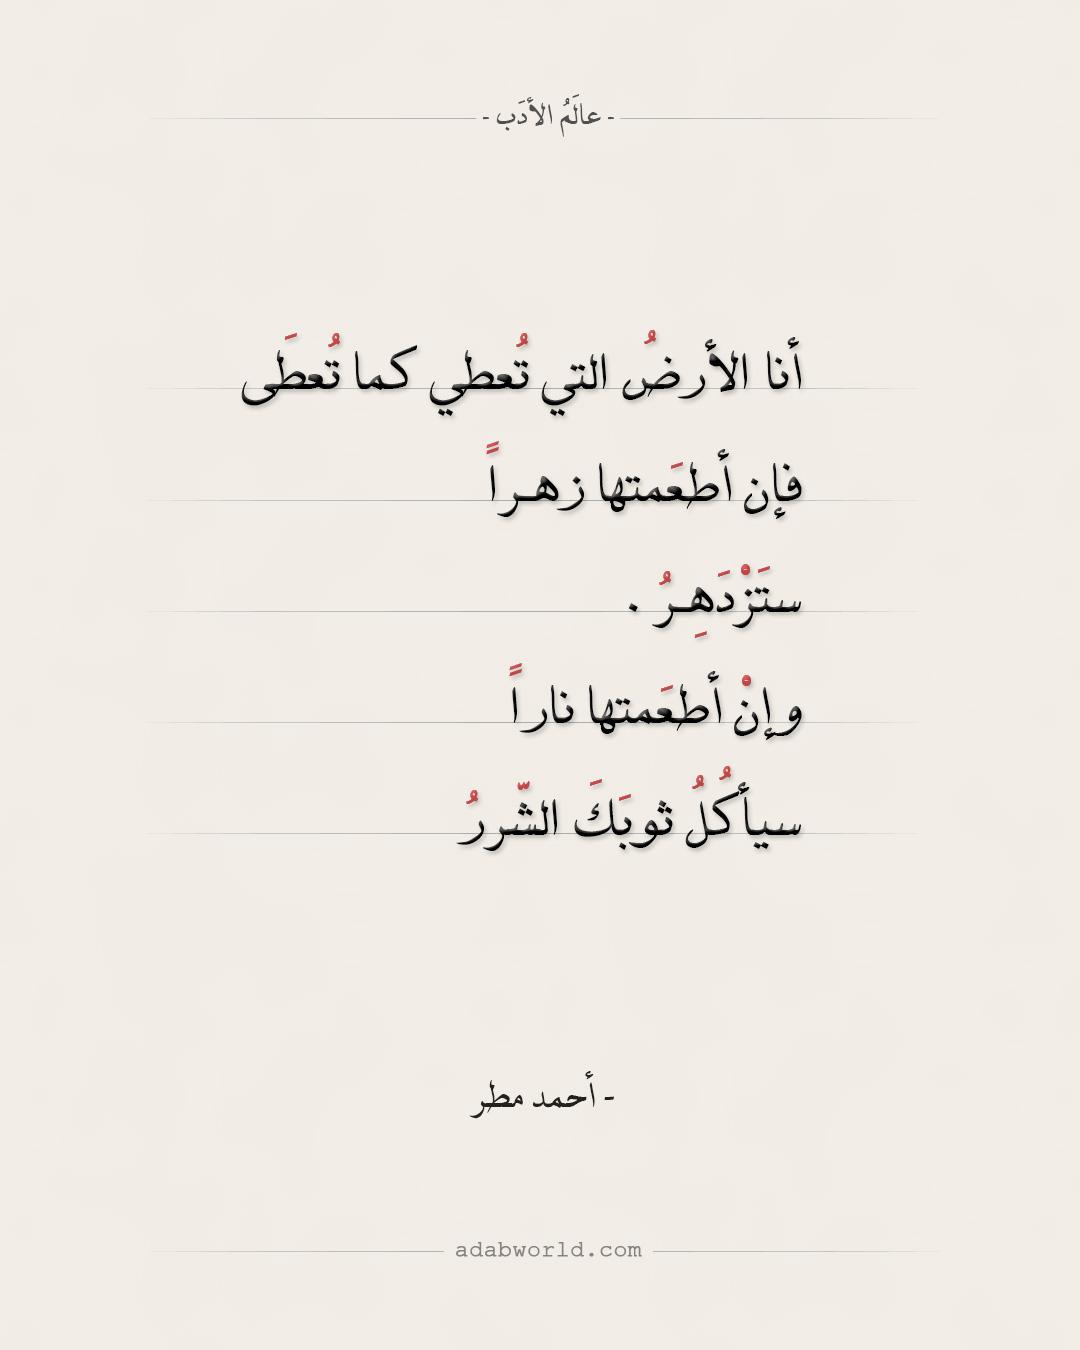 أنا الأرض التي تعطي كما تعطى - أحمد مطر